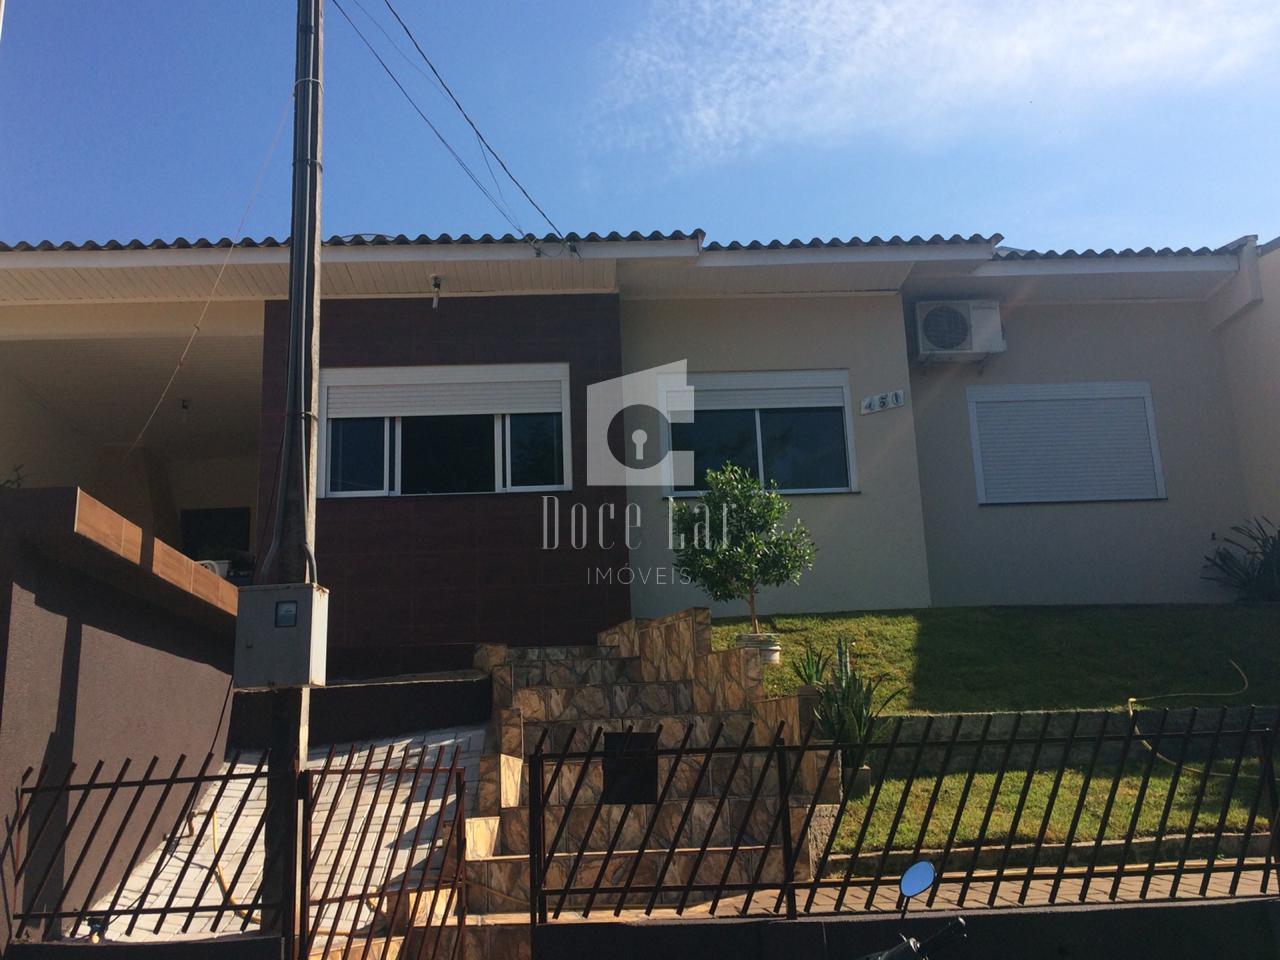 CASA BAIRRO Centro Sul